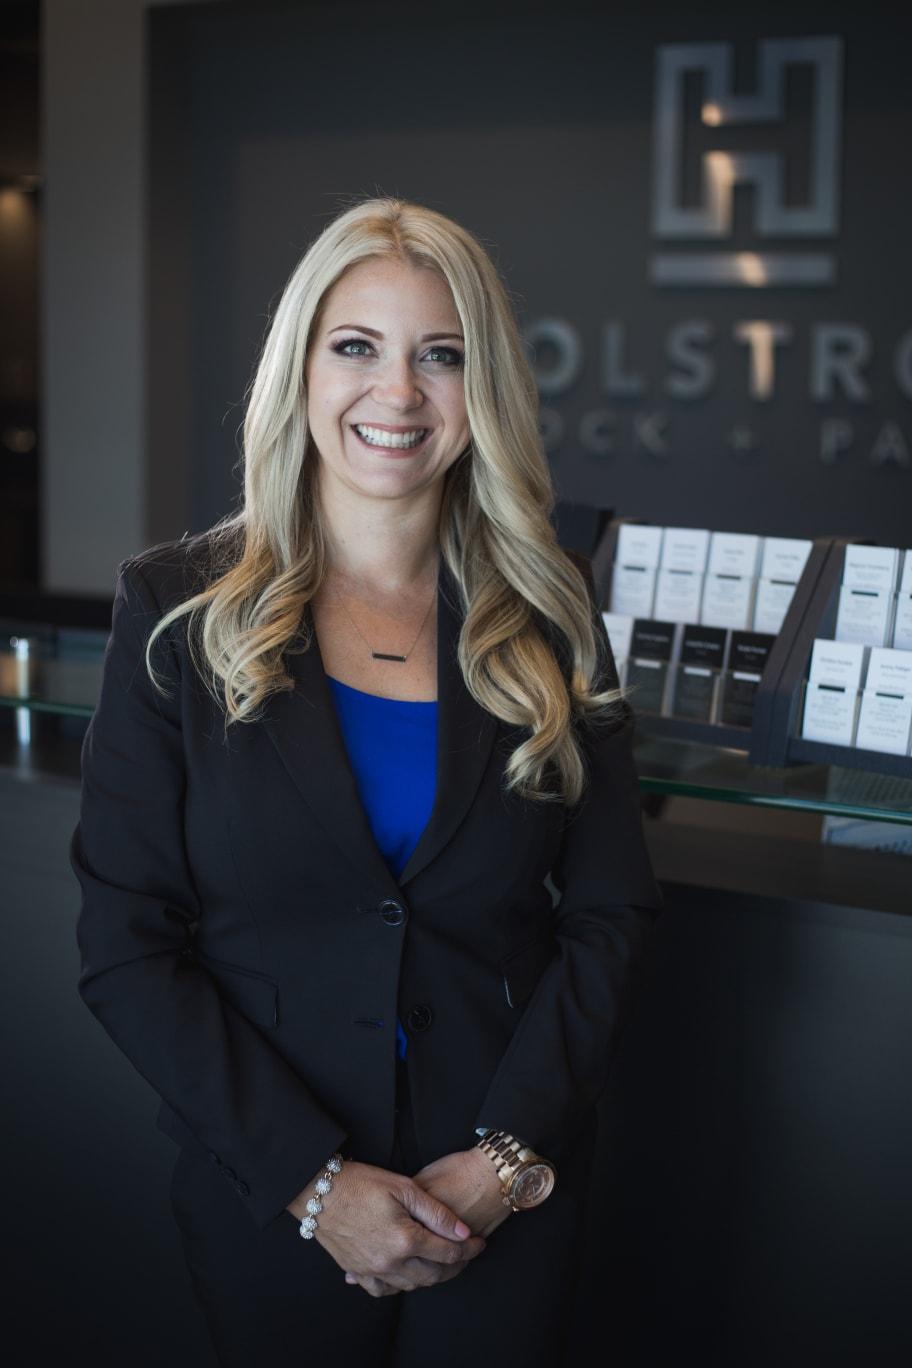 Kristen Holstrom